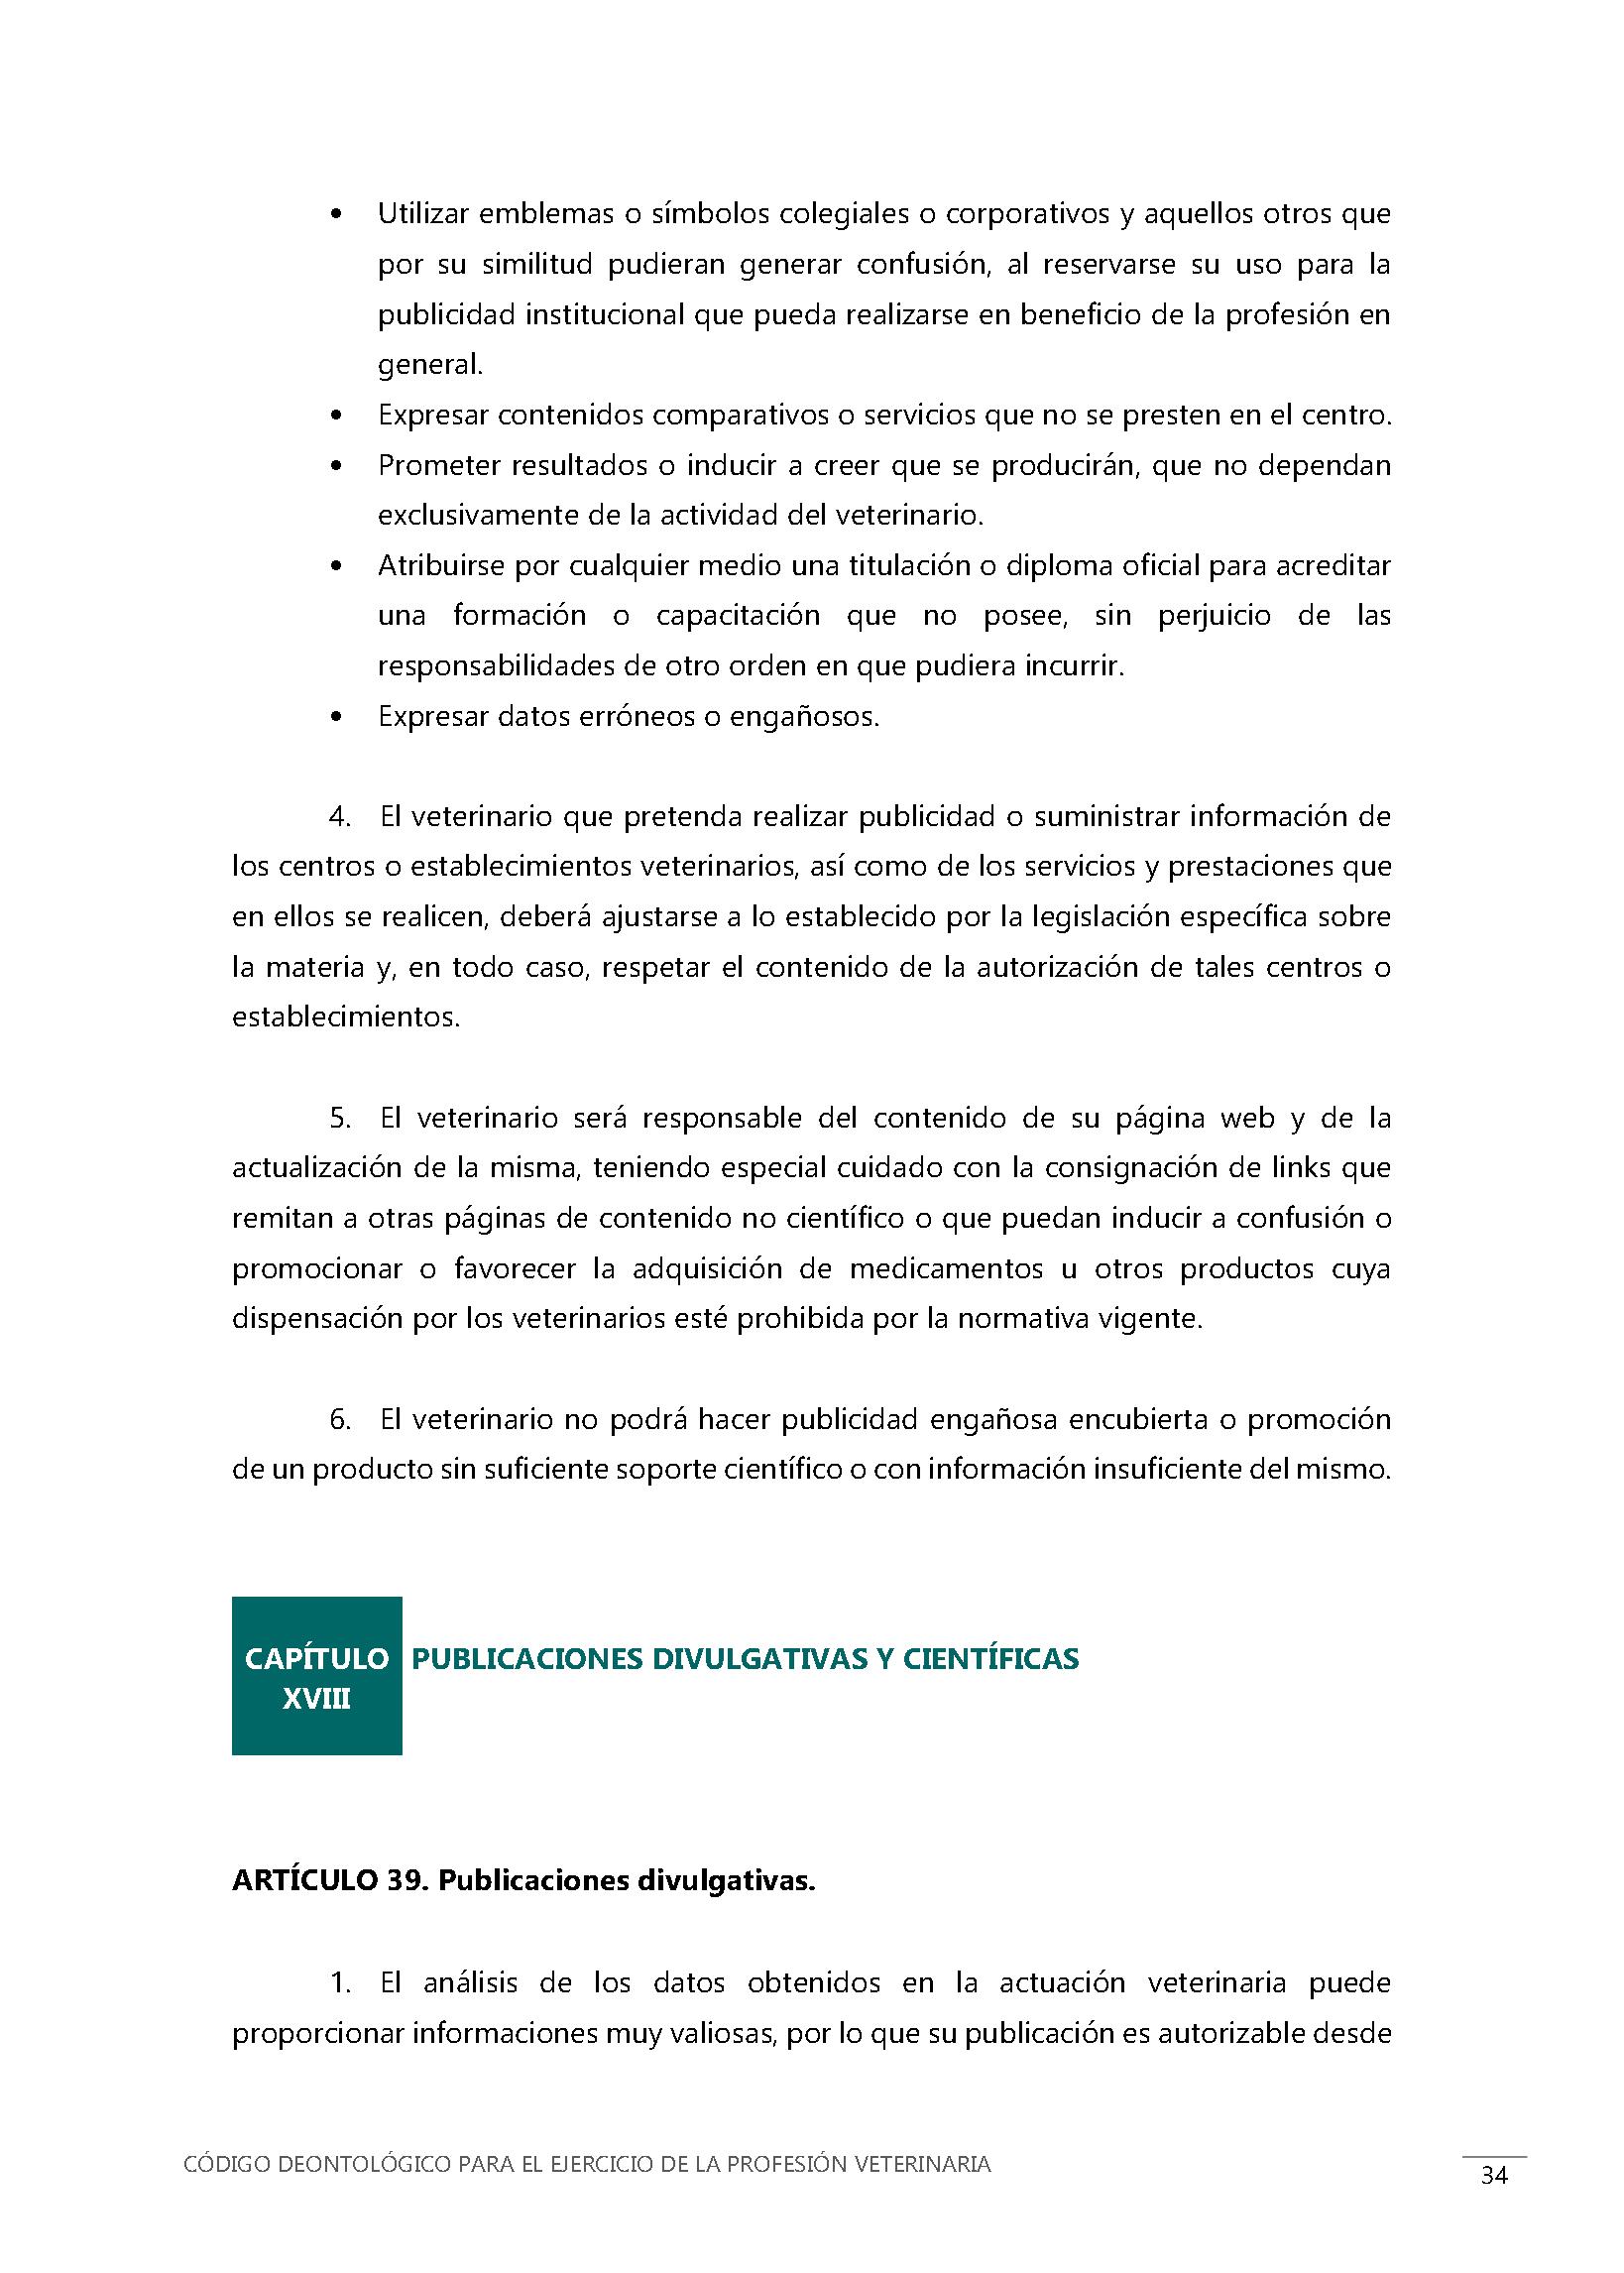 codigo deontológico dic 2018_Página_36